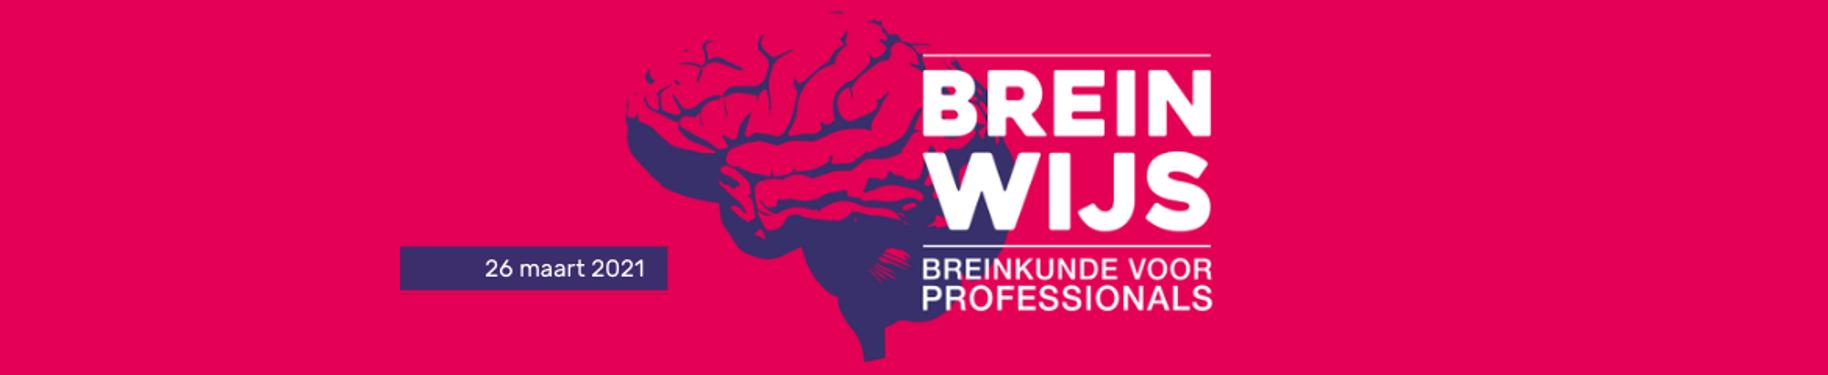 Breinwijs   26 maart 2021